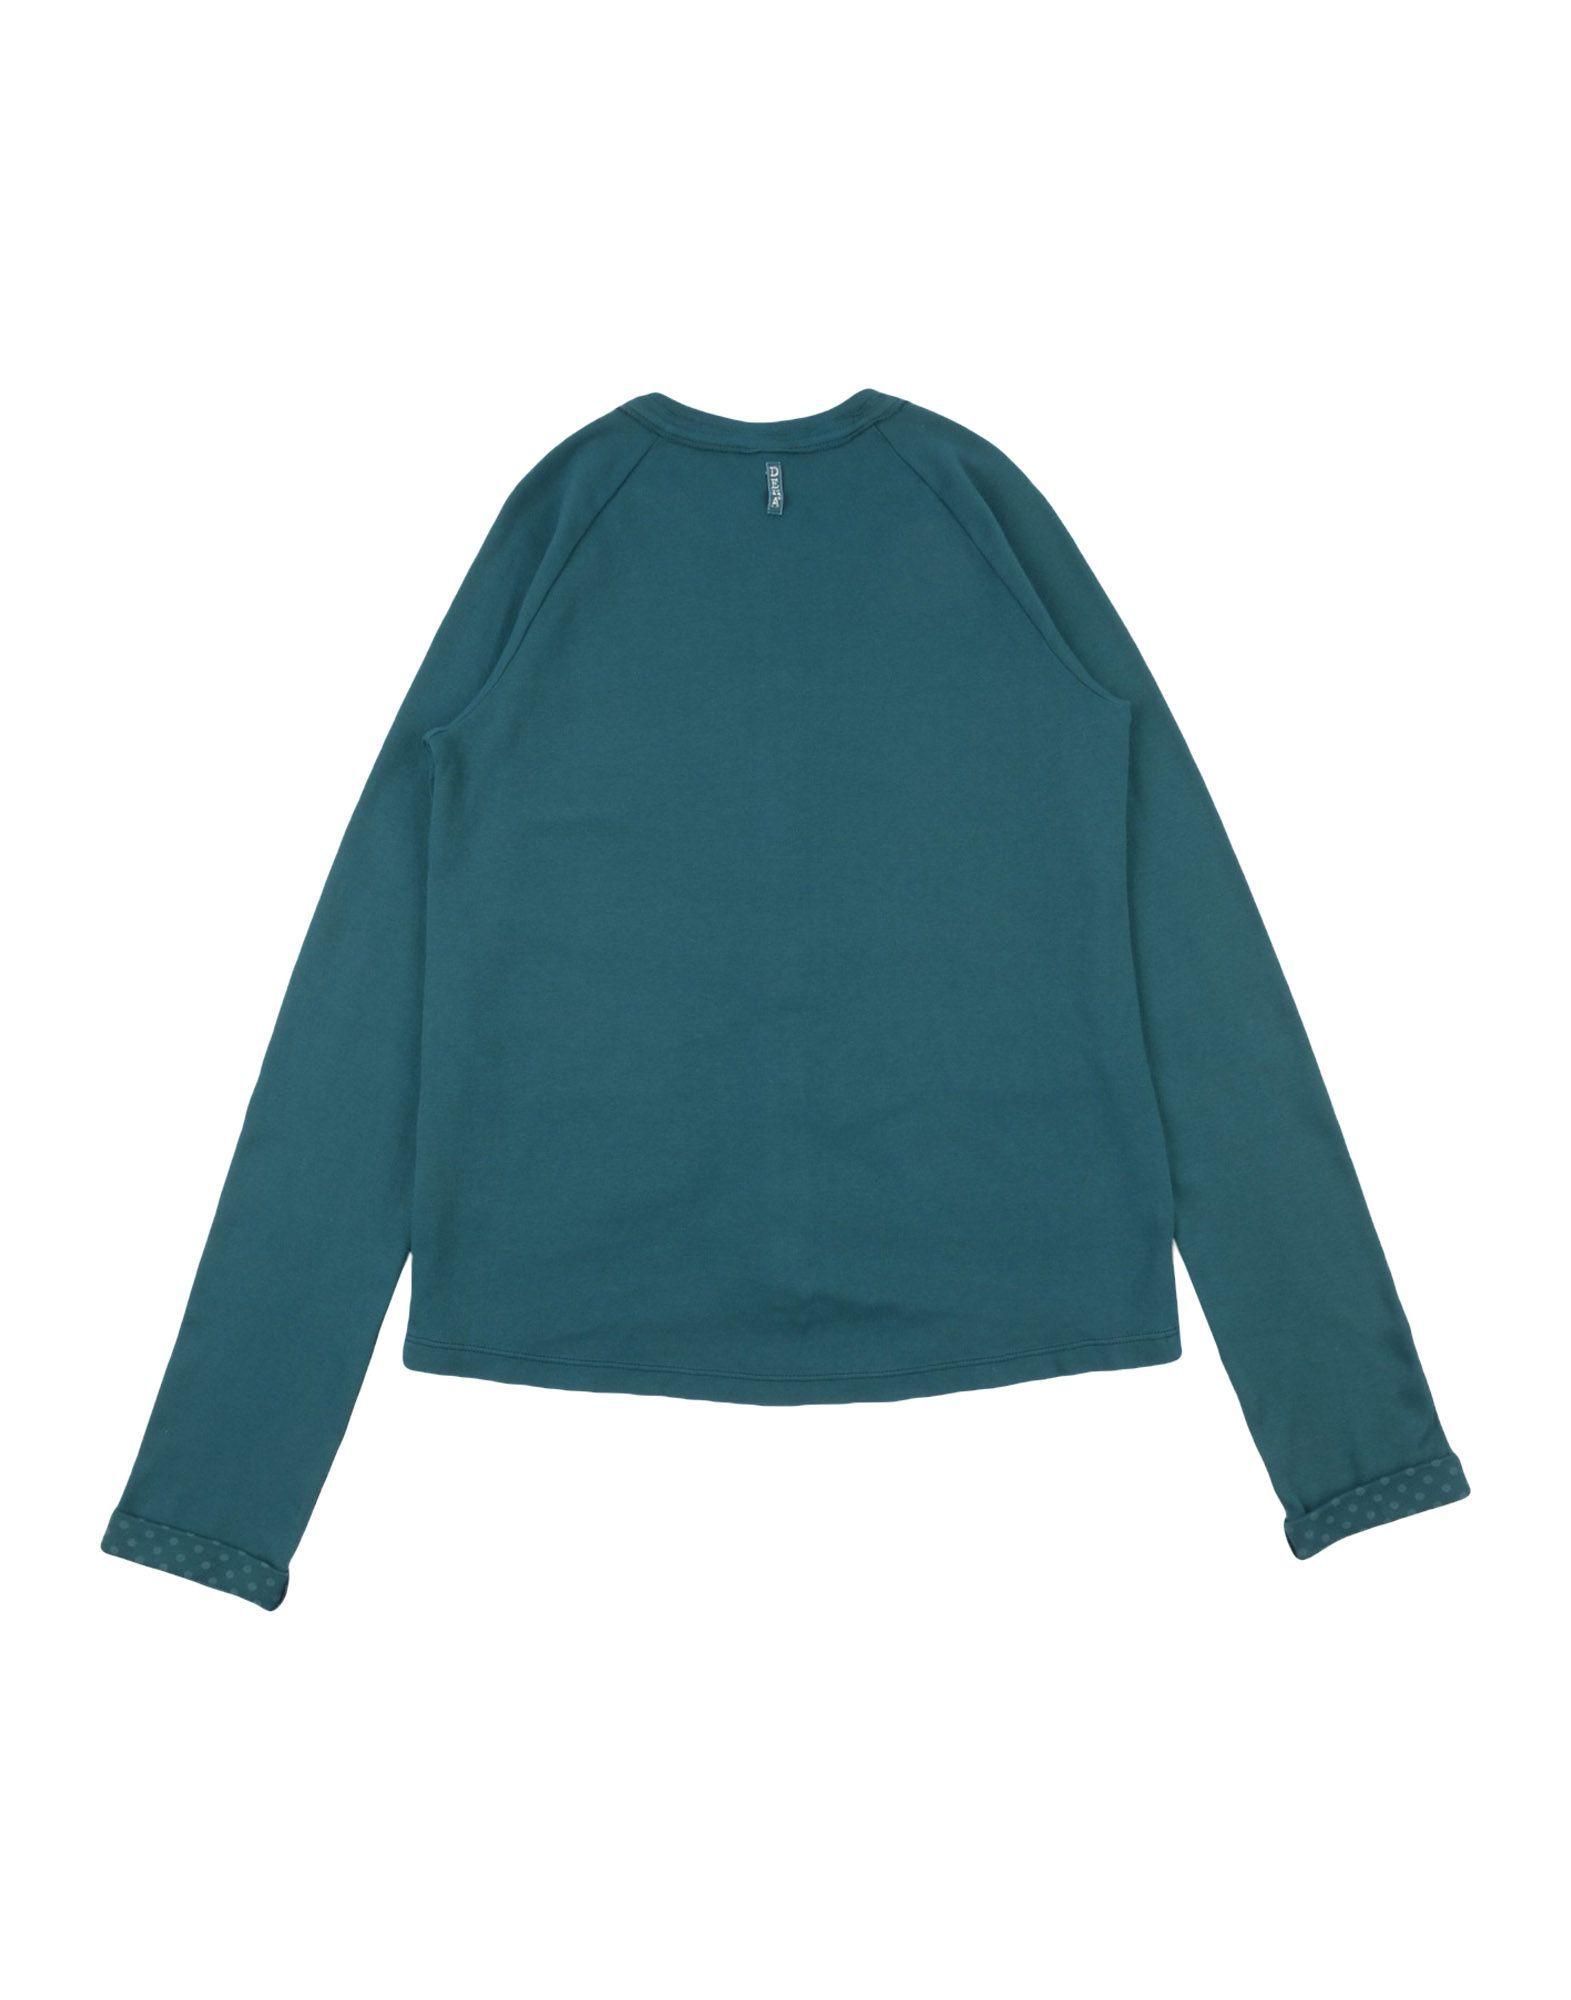 KNITWEAR Deha Dark green Girl Cotton